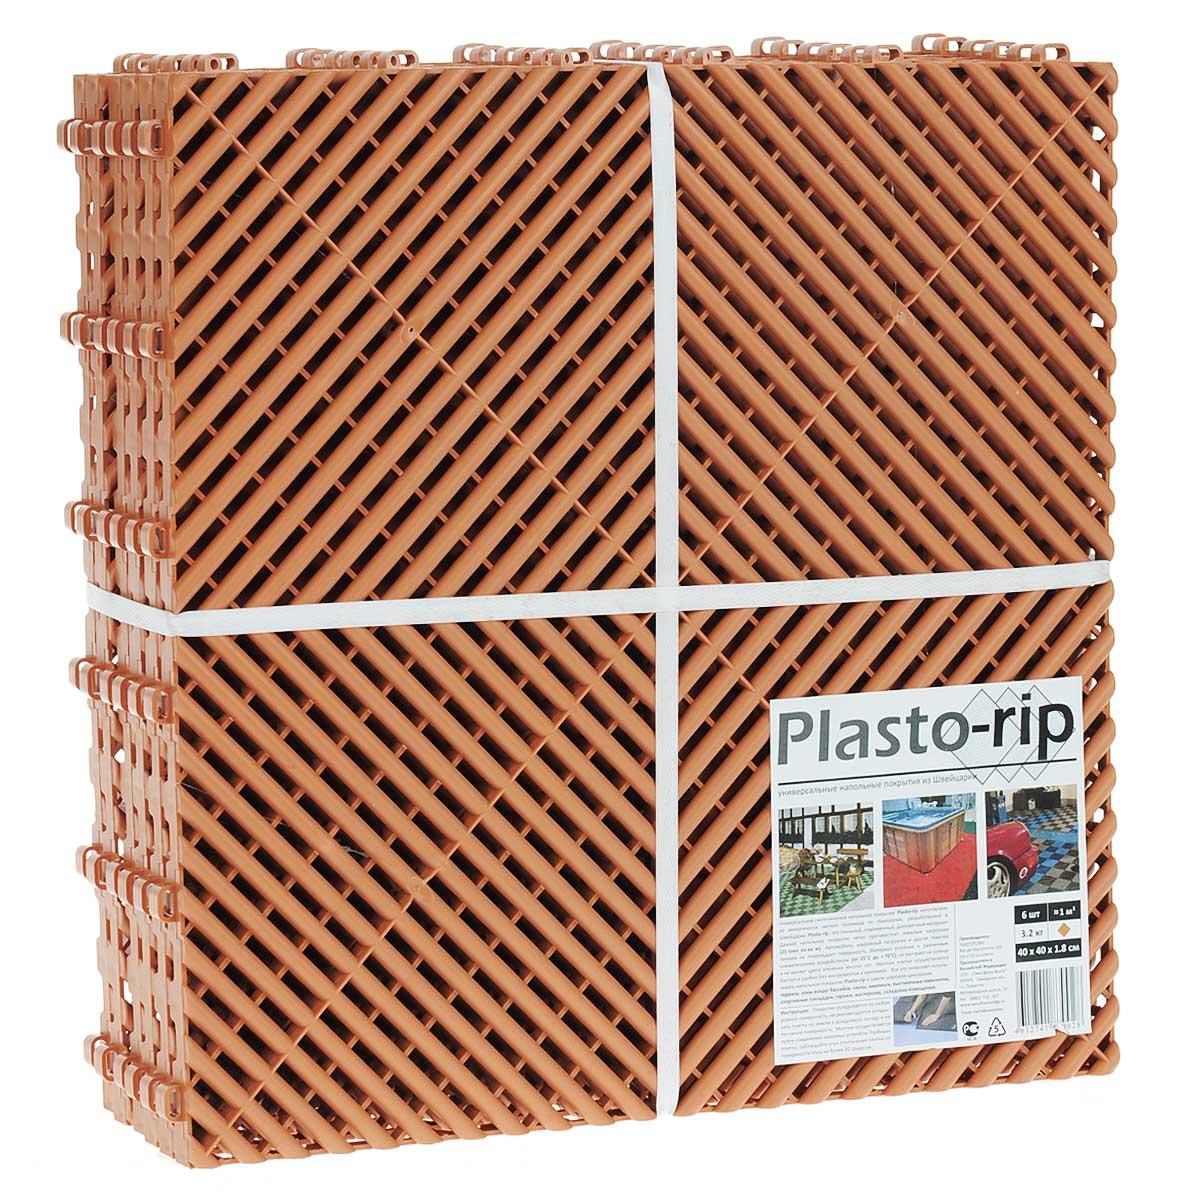 Плитка для пола Plasto Rip, цвет: терракотовый, 40 см х 40 см х 1,8 см, 6 шт77507Плитка для пола Plasto Rip - это универсальное синтетическое напольное покрытие, изготовленное из экологически чистого полимера по технологии, разработанной в Швейцарии. Это стильный, современный, долговечный материал. Данное напольное покрытие легко противостоит тяжелым нагрузкам (25 тонн на кв.м.). Автомобиль, массивный погрузчик и другая тяжелая техника не повреждает поверхность. Материал устойчив к различным климатическим воздействиям (от -25°С до +70°С), не выгорает на солнце и не меняет цвета в течение многих лет. Монтаж плитки осуществляется быстро и удобно без инструментов и крепежей. Все это позволяет использовать покрытие в самом широком диапазоне: террасы, зоны вокруг бассейна, сауны, кемпинги, выставочные павильоны, спортивные площадки, гаражи, мастерские, складские помещения. В комплекте 6 плиток, рассчитанных на покрытие 1 кв.м. Инструкция по монтажу на упаковке. Размер одной плитки: 40 см x 40 см x 1,8 см. Стабильность: от -20°C до +70°C. Давление: до 25 тонн на м2. Сопротивление: кислоты, щелочь. Плиток в 1 кв.м: 6 шт.